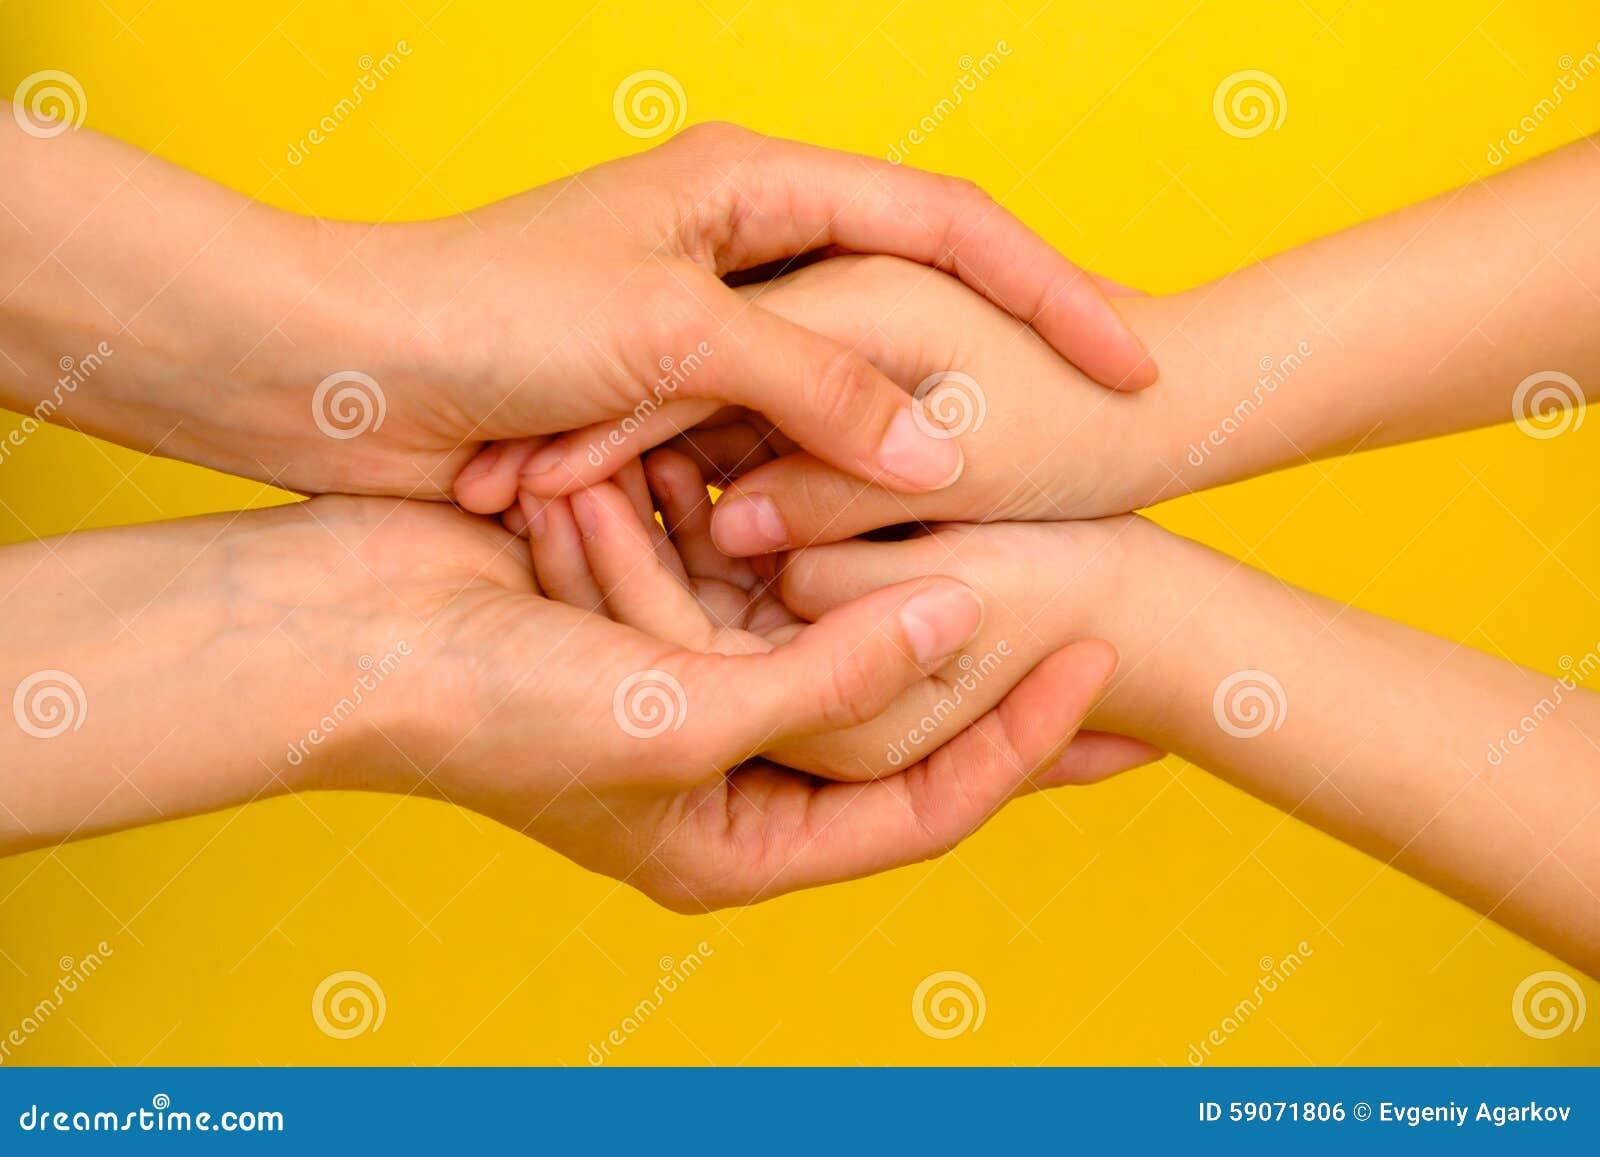 Les gens, la charité, la famille et le concept de soin - fermez-vous des mains de femme tenant des mains de fille